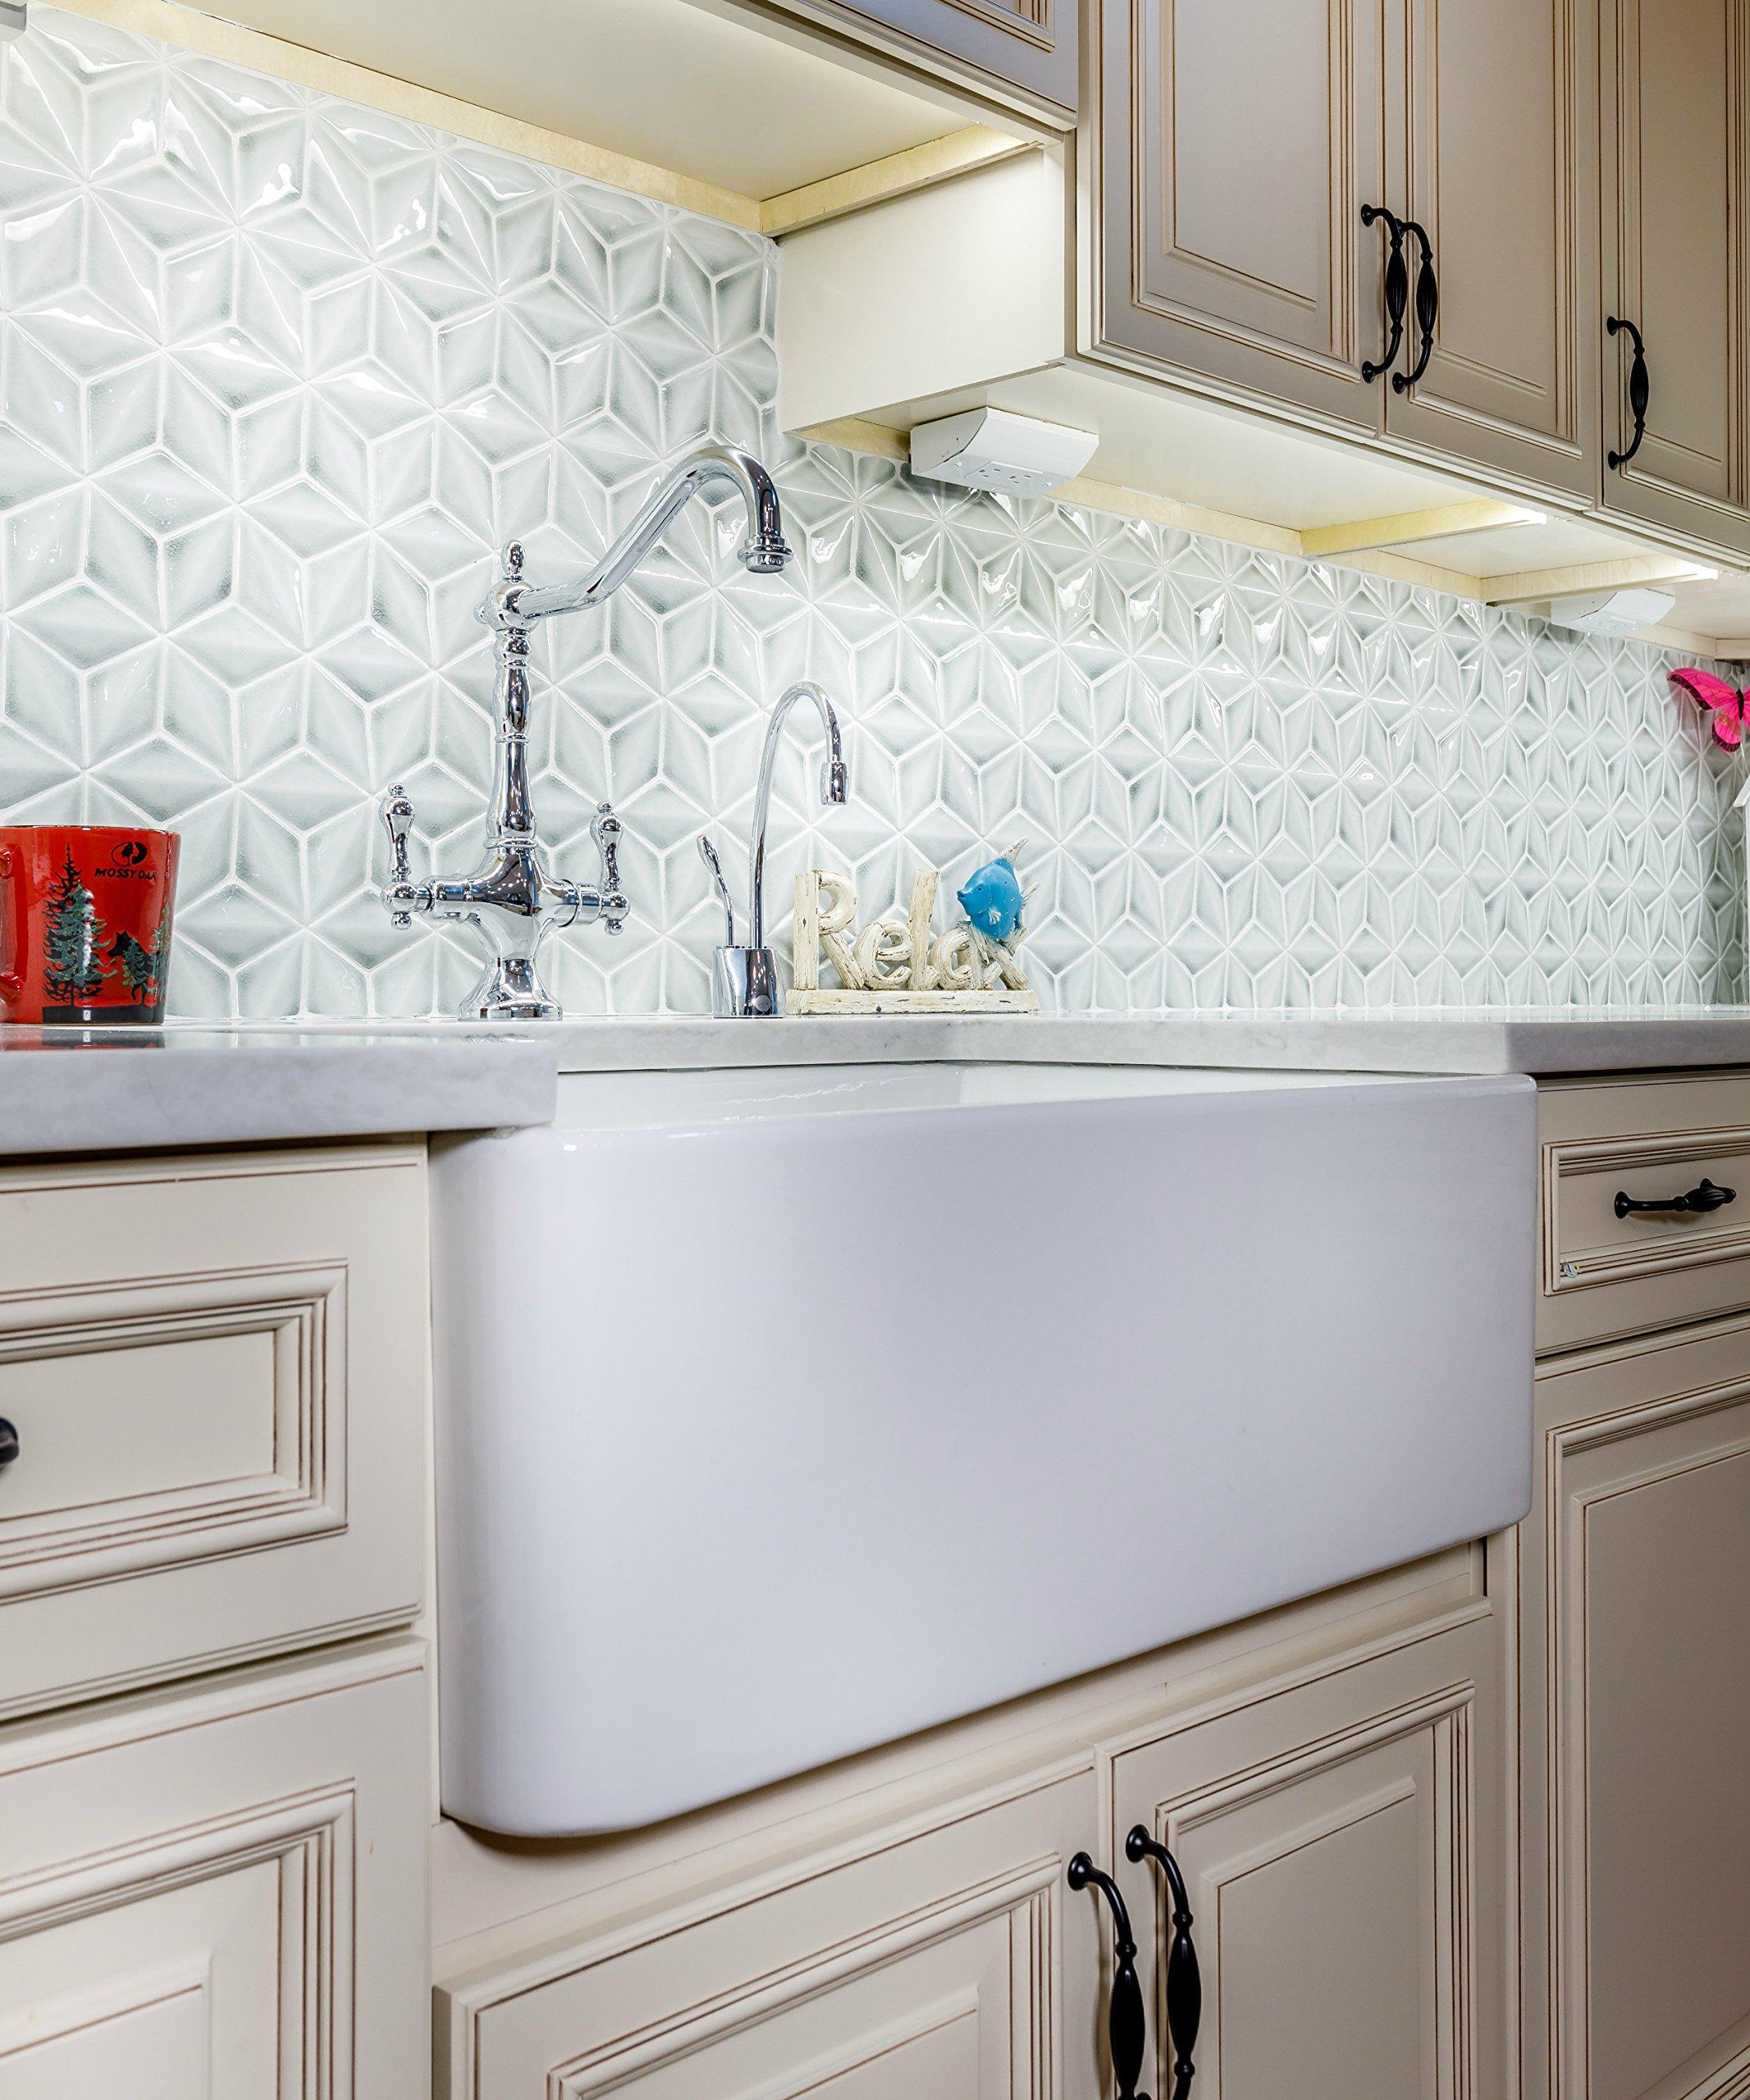 33'' Fireclay sink, Single Bowl Farmhouse, Apron Kitchen Sink, White.